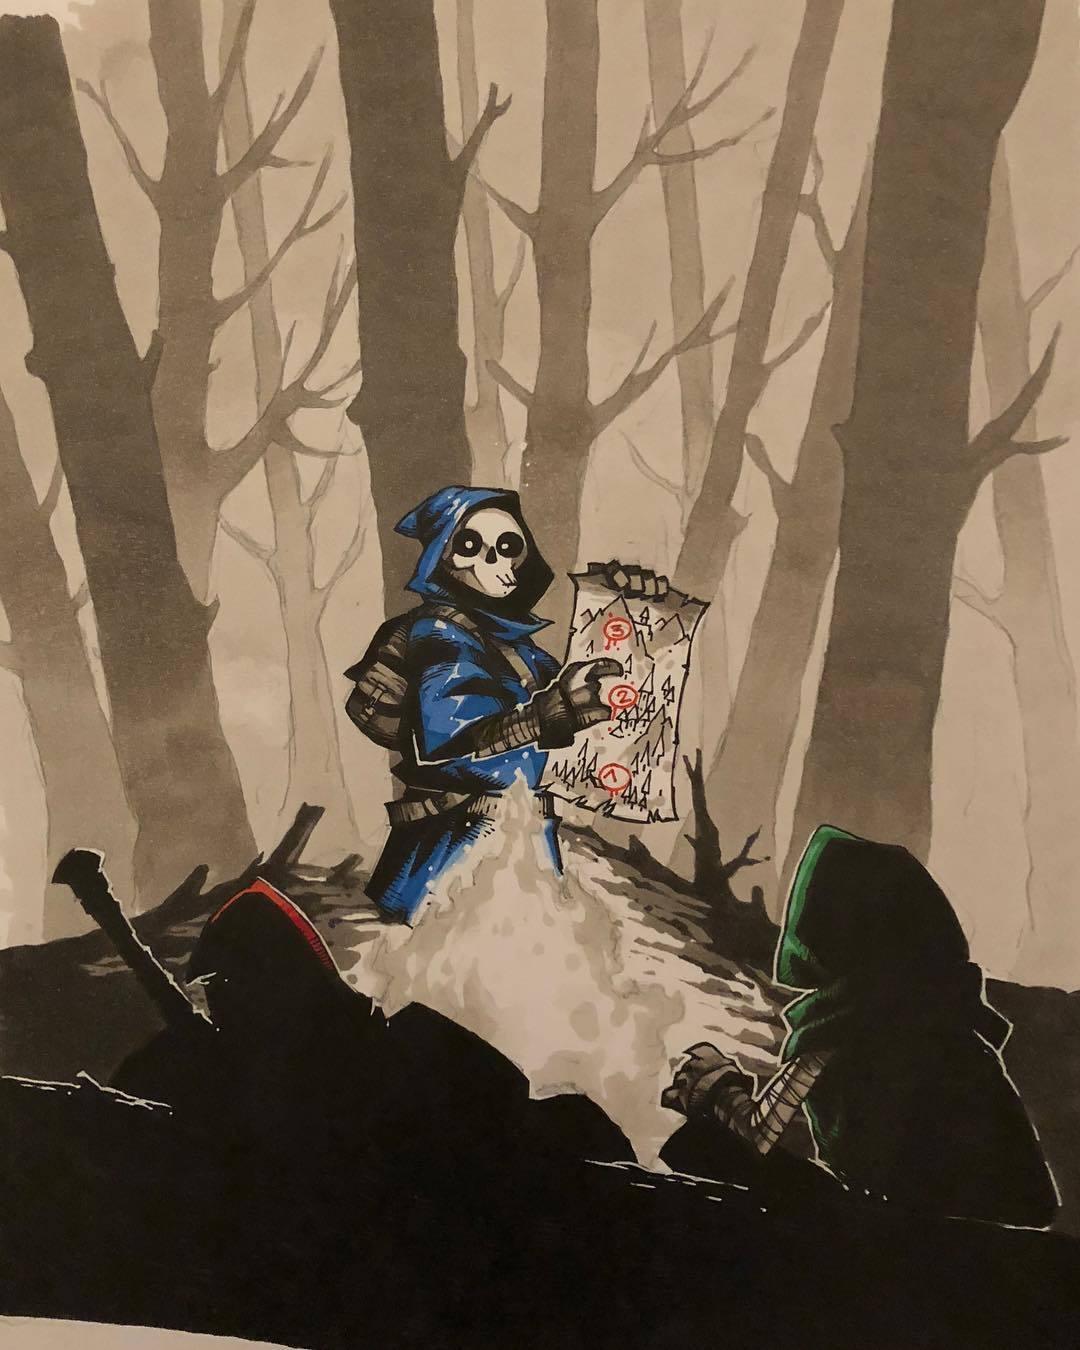 Похитители мечей. - Изображение 2